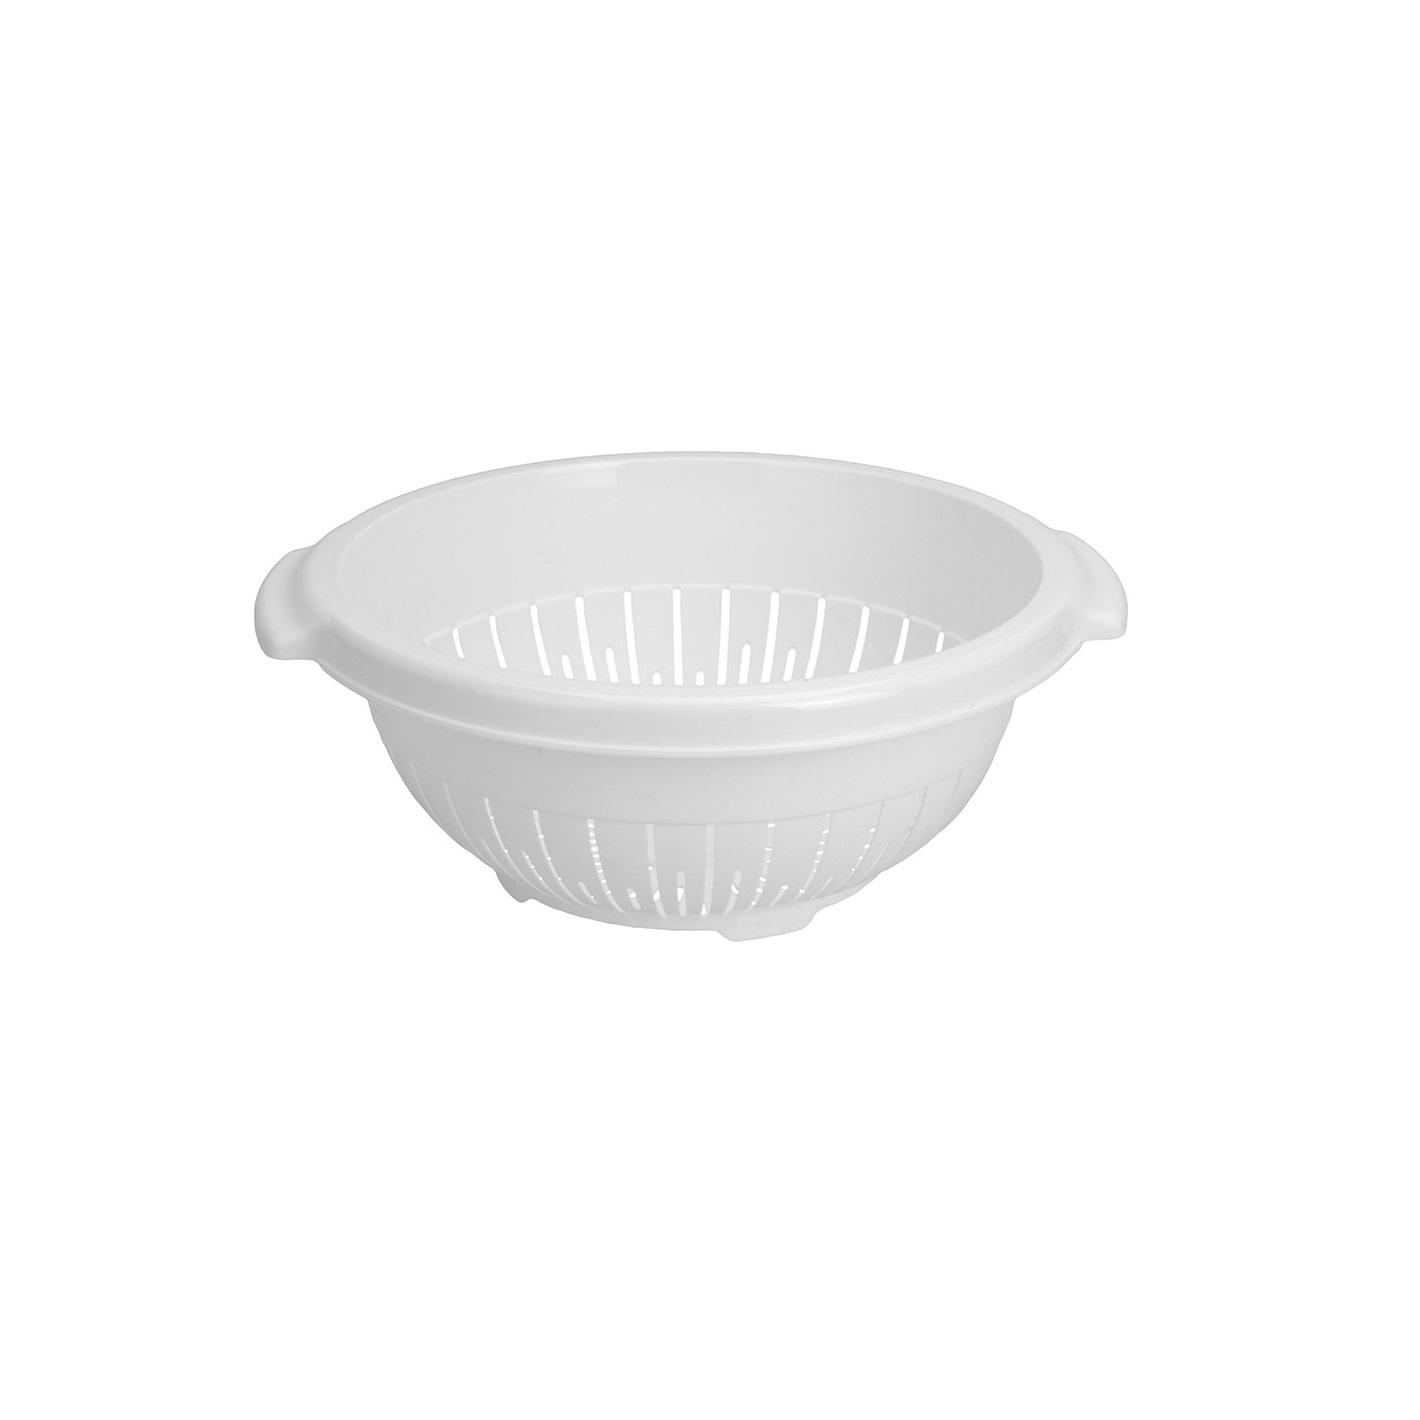 Дуршлаг 29,5 см Excellent Houseware